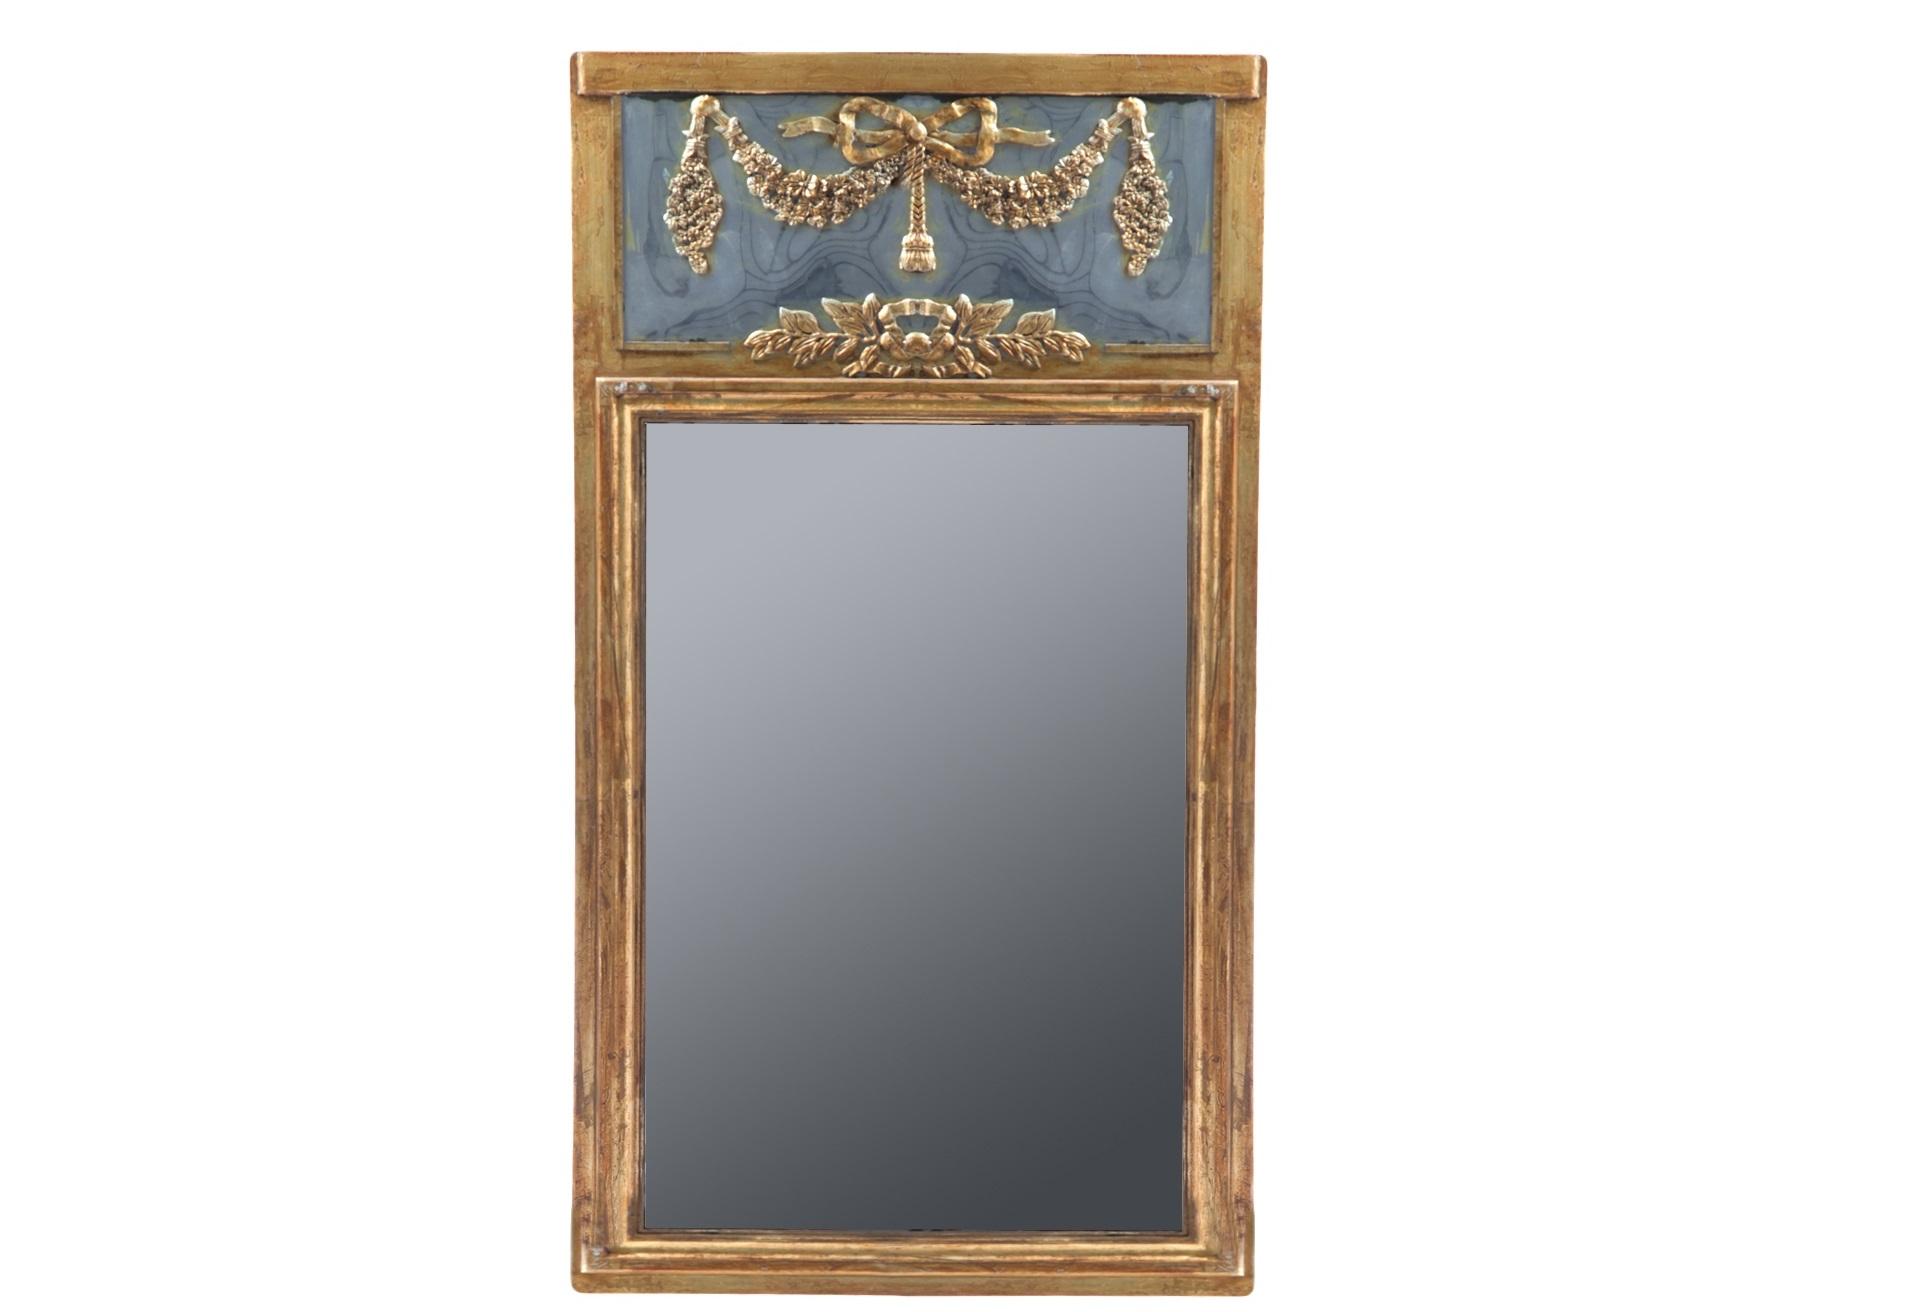 ЗеркалоНастенные зеркала<br>Декорированное винтажное зеркало в золотой состаренной раме в стиле прованс.<br><br>Material: МДФ<br>Ширина см: 75<br>Высота см: 151